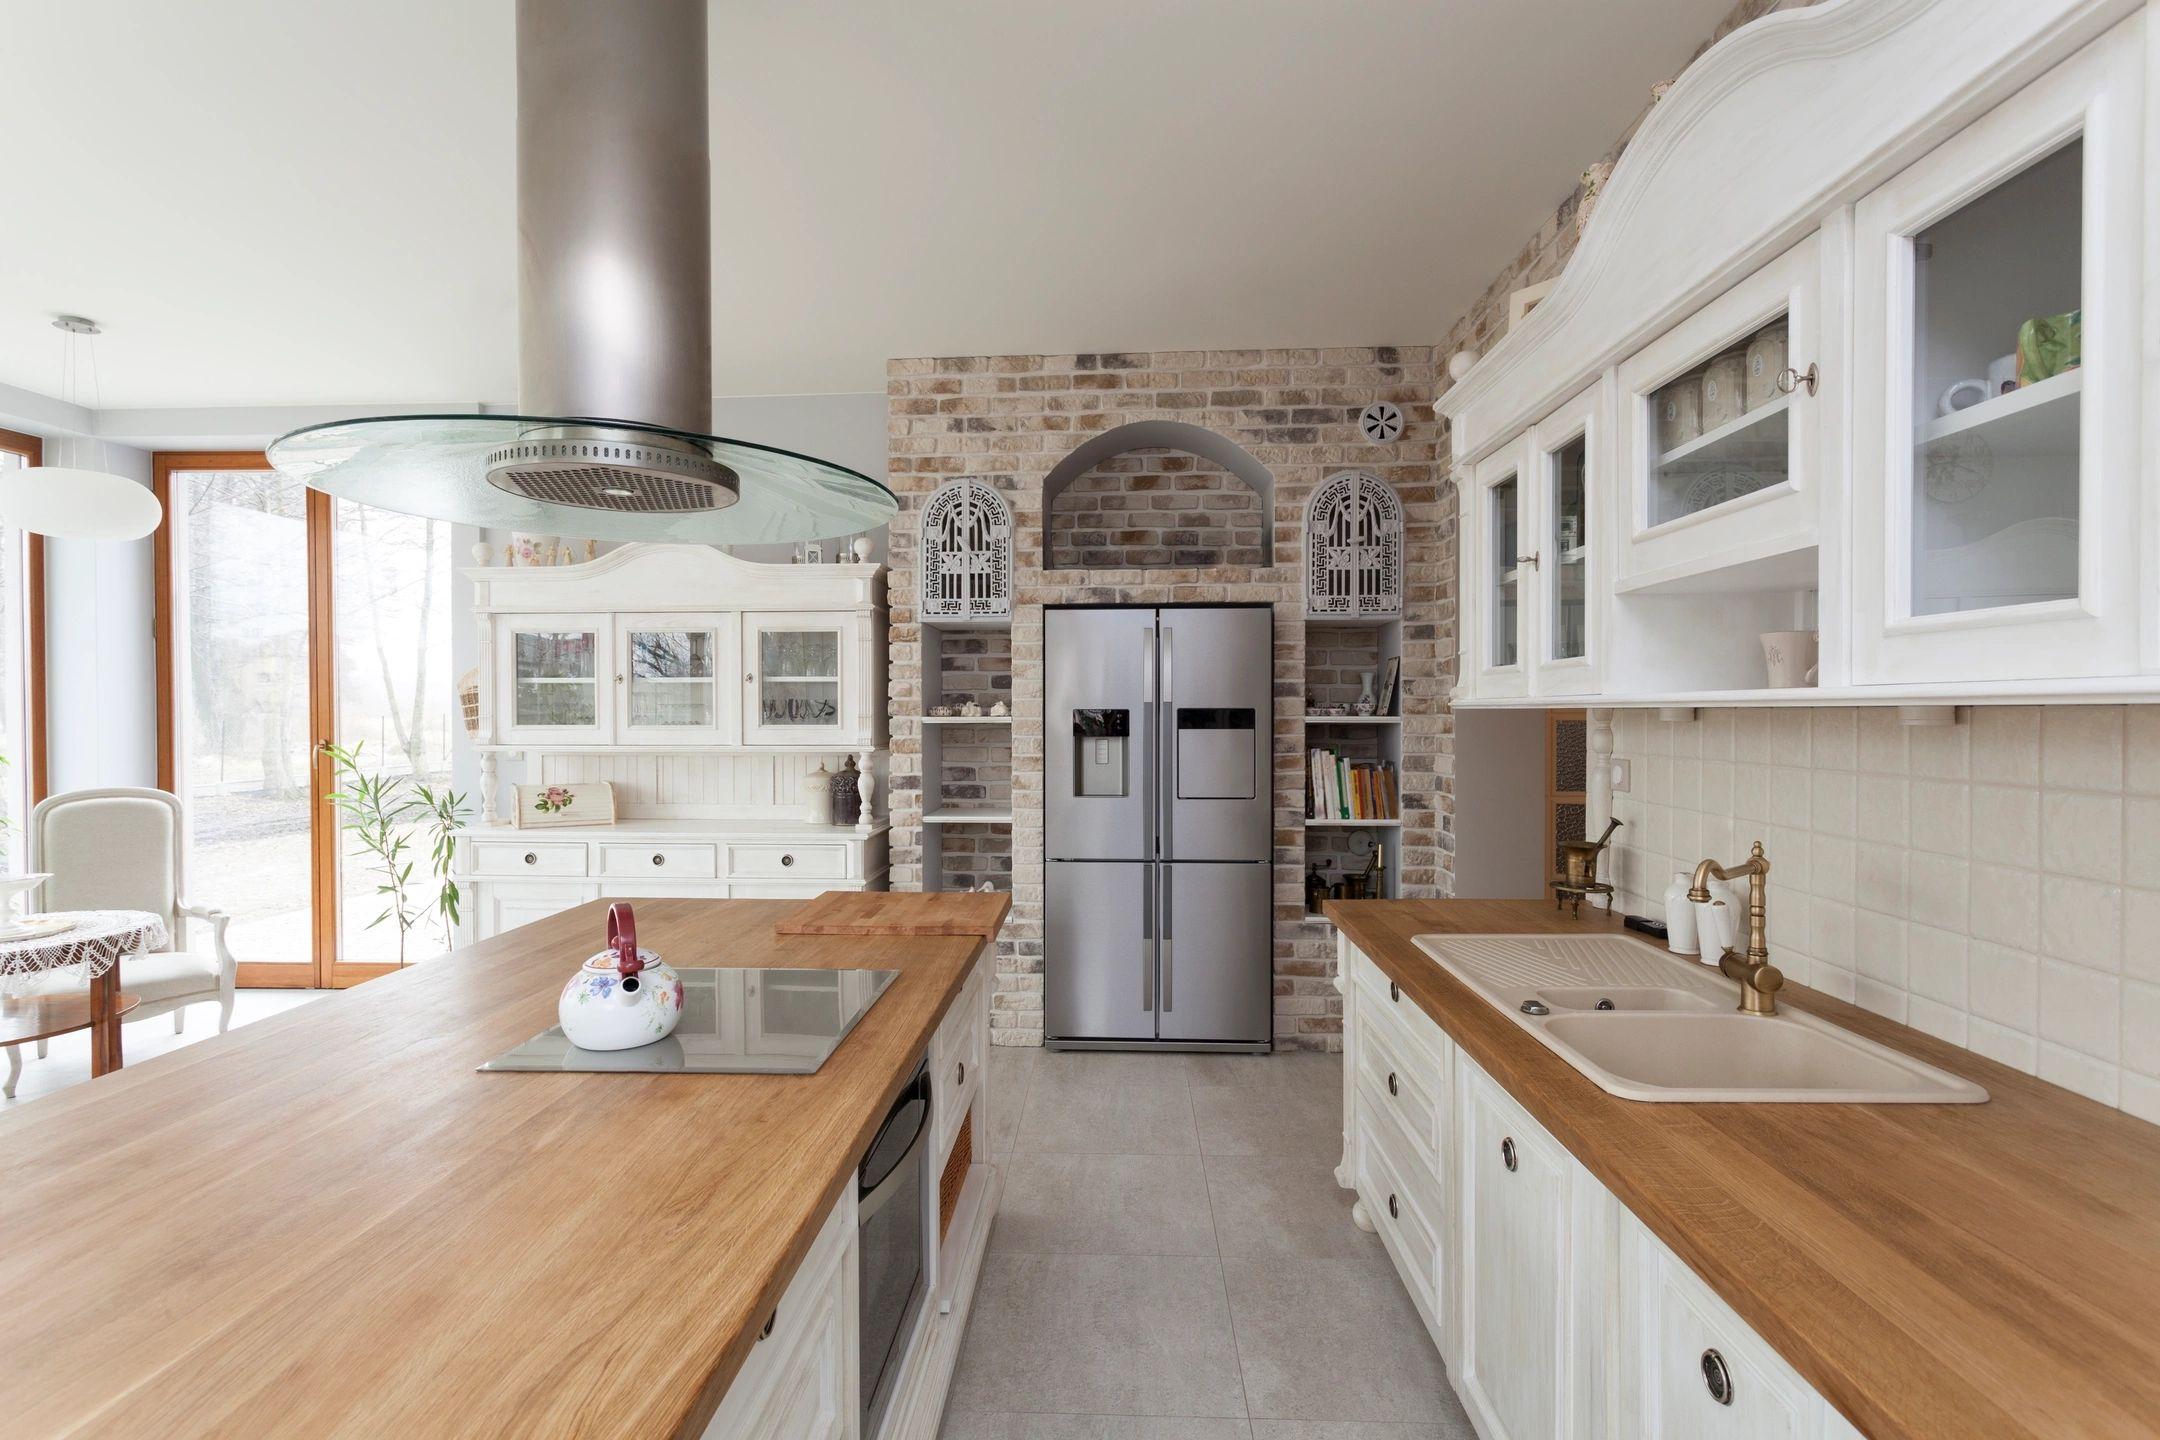 Galley Kitchen Style